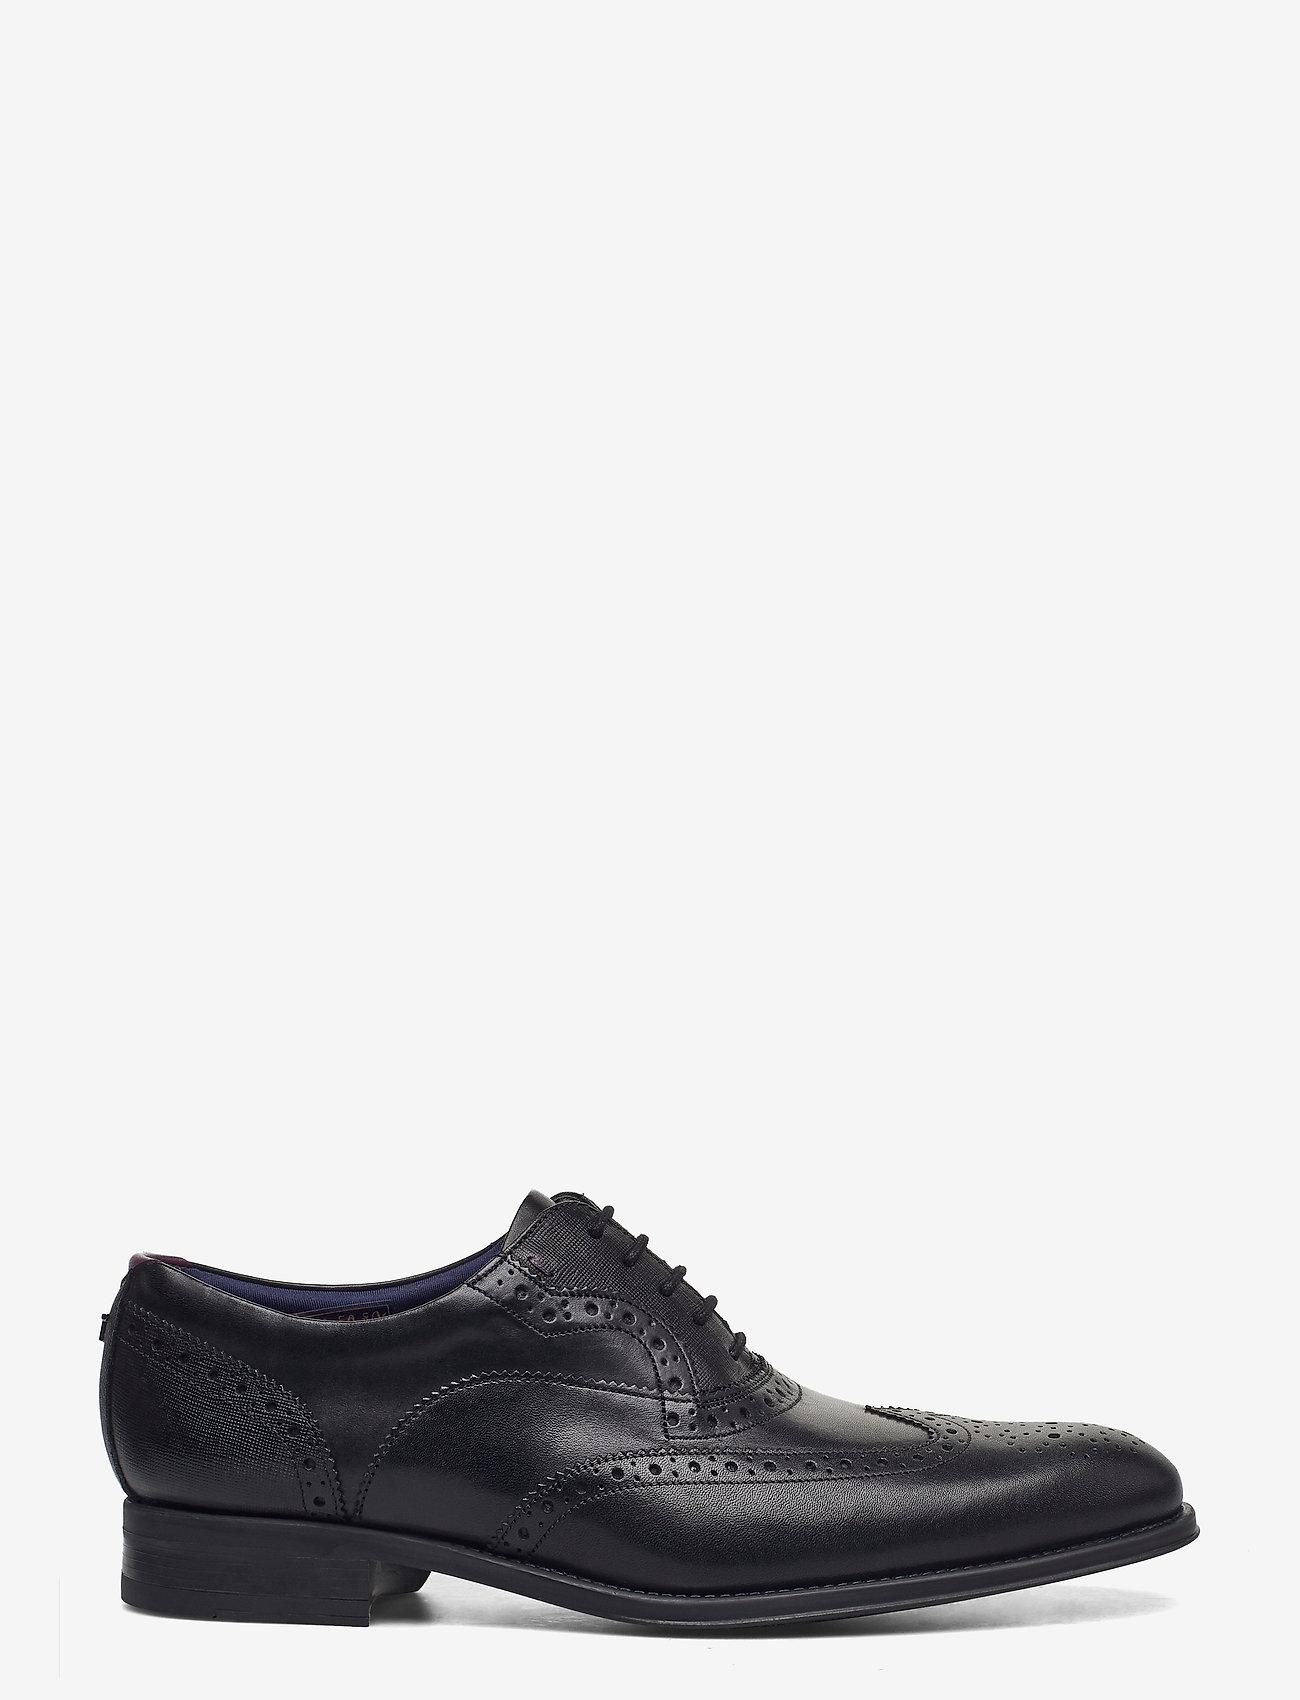 Mittal (Black) (112 €) - Ted Baker 3AGLe